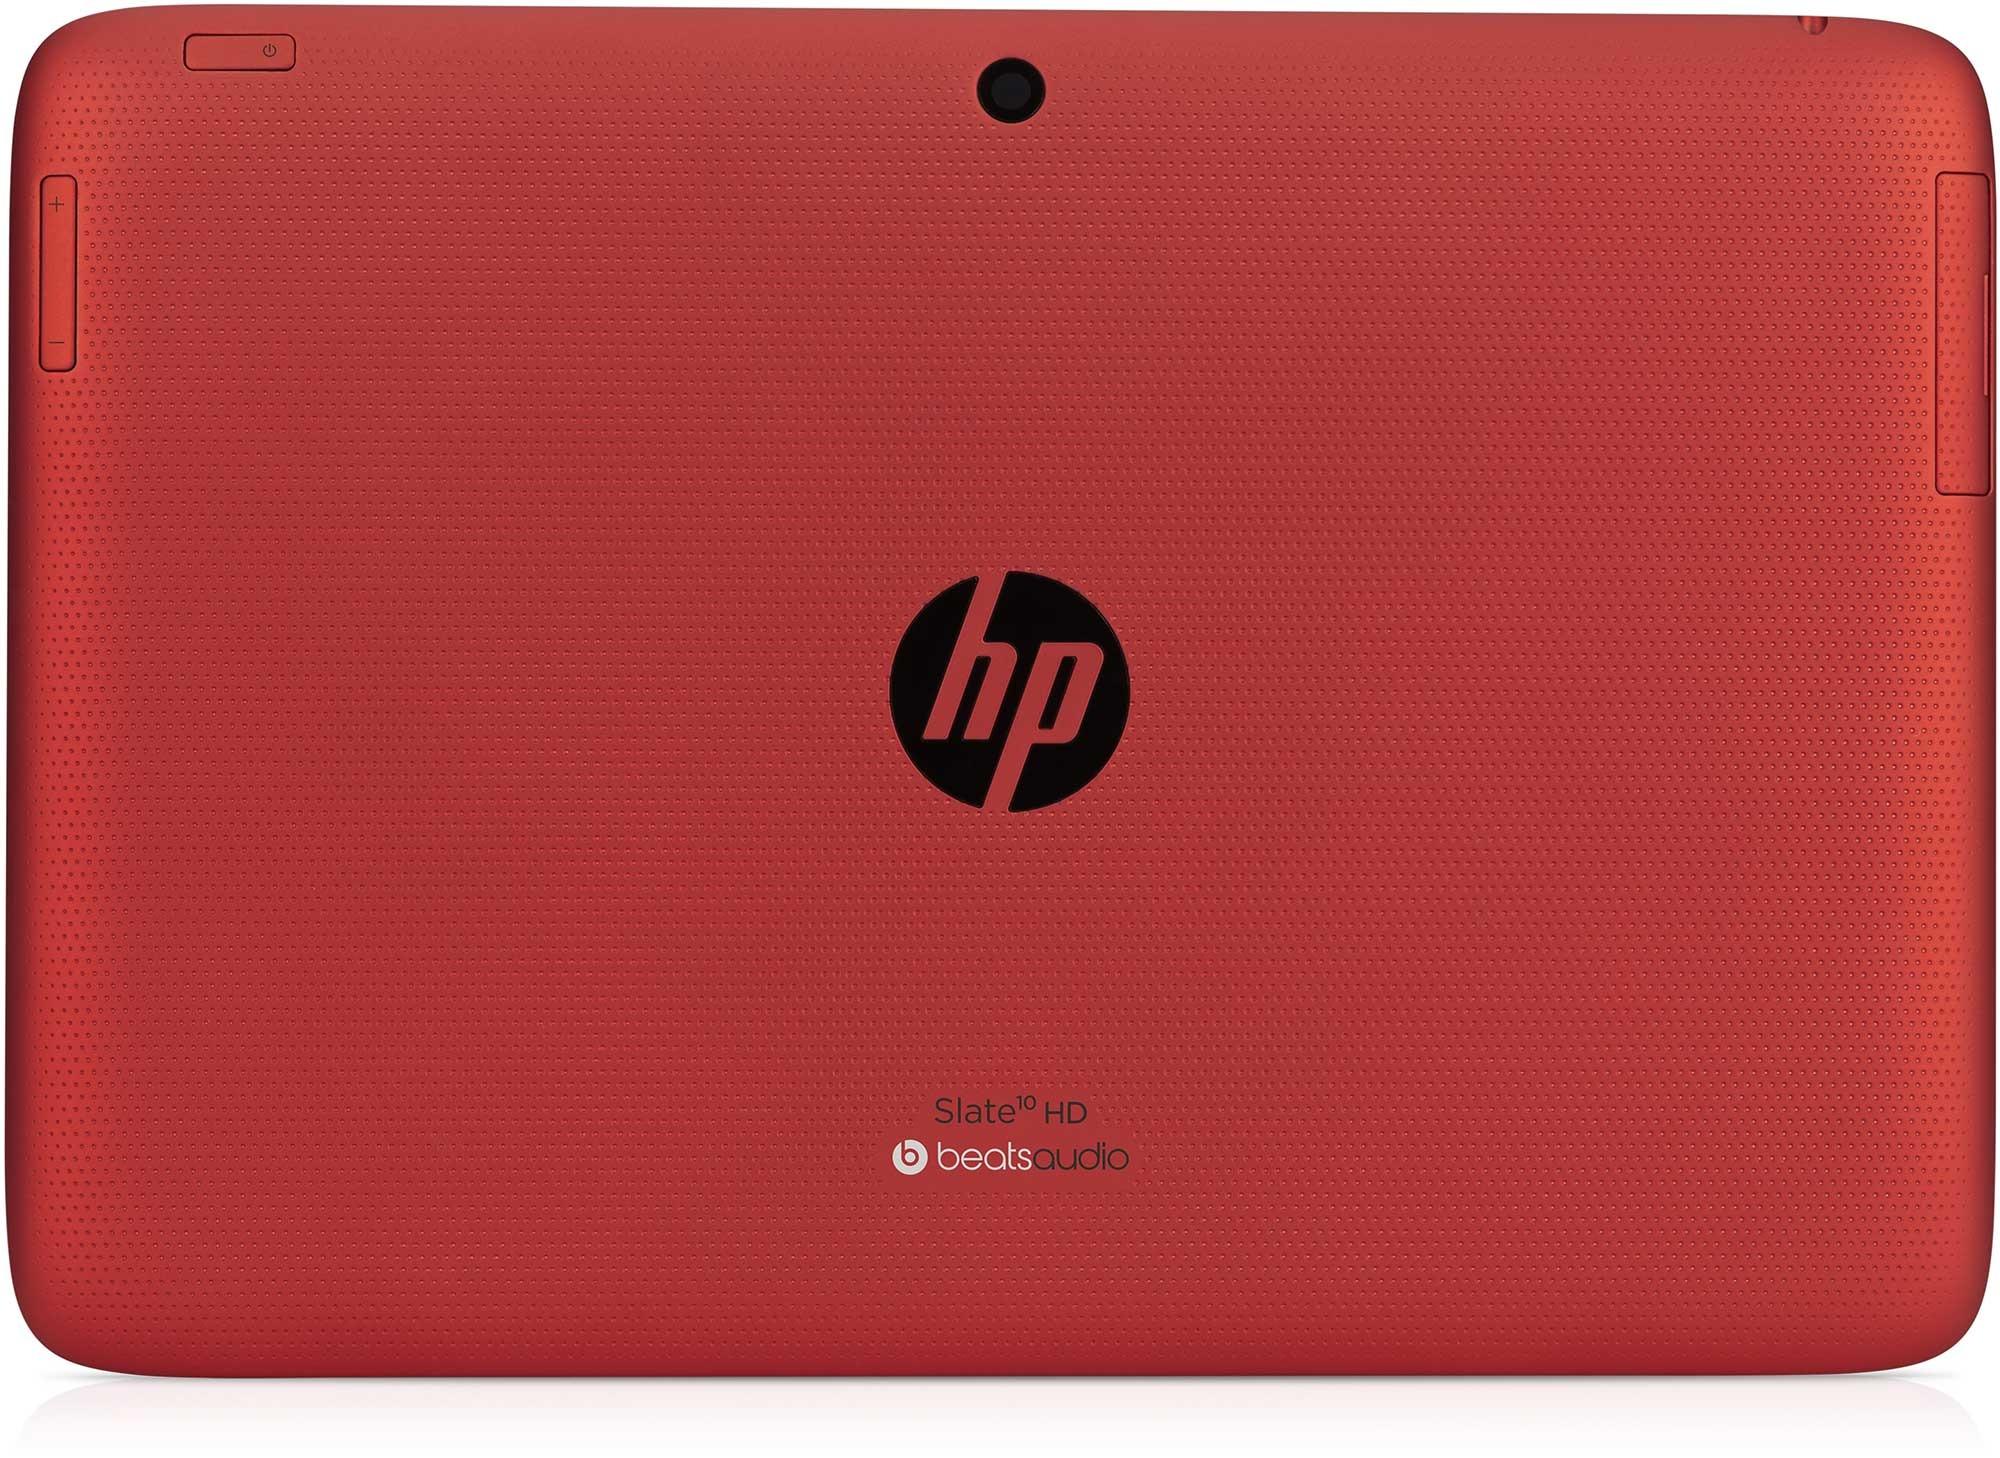 HP Slate10 HD 10